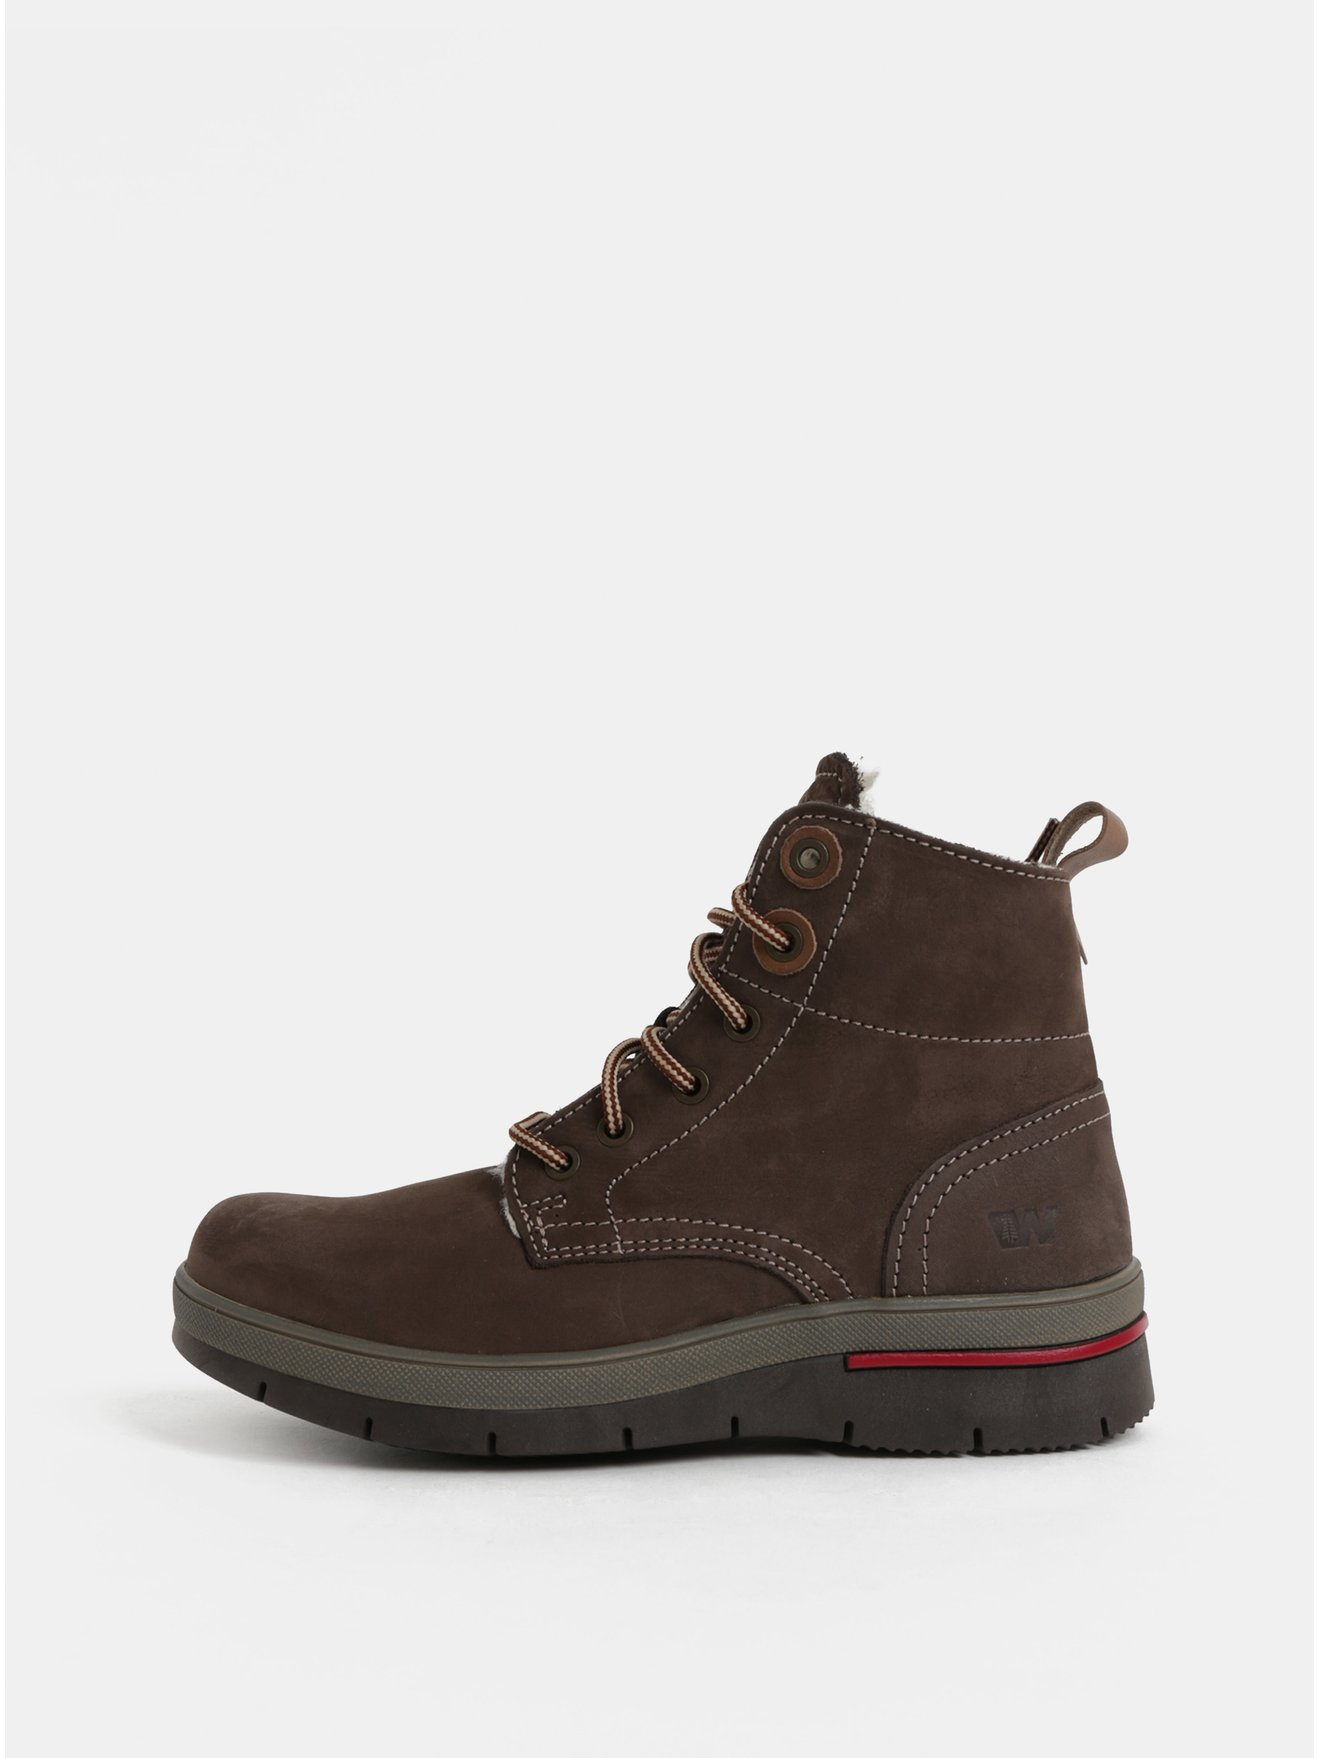 8880643d24 Tmavohnedé dámske kožené členkové zimné topánky s umelou vnútornou  kožušinkou Weinbrenner